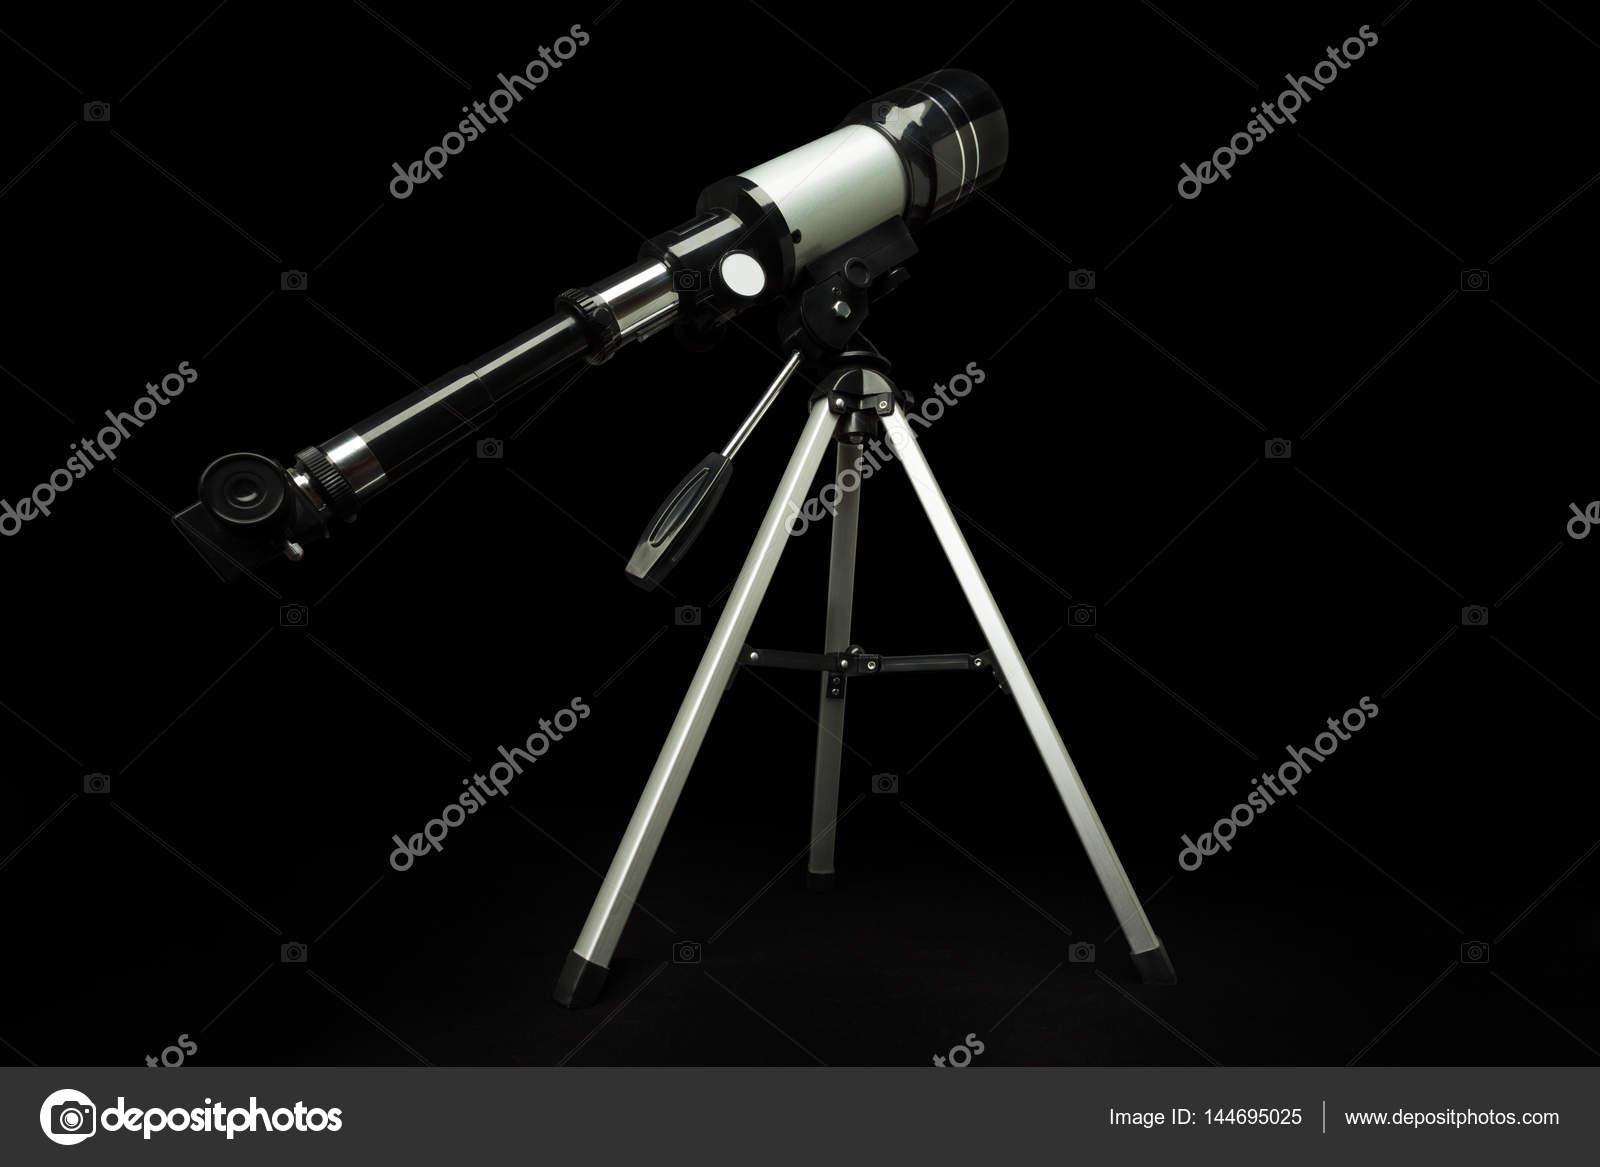 Teleskop auf stativ stehend u stockfoto serrnovik